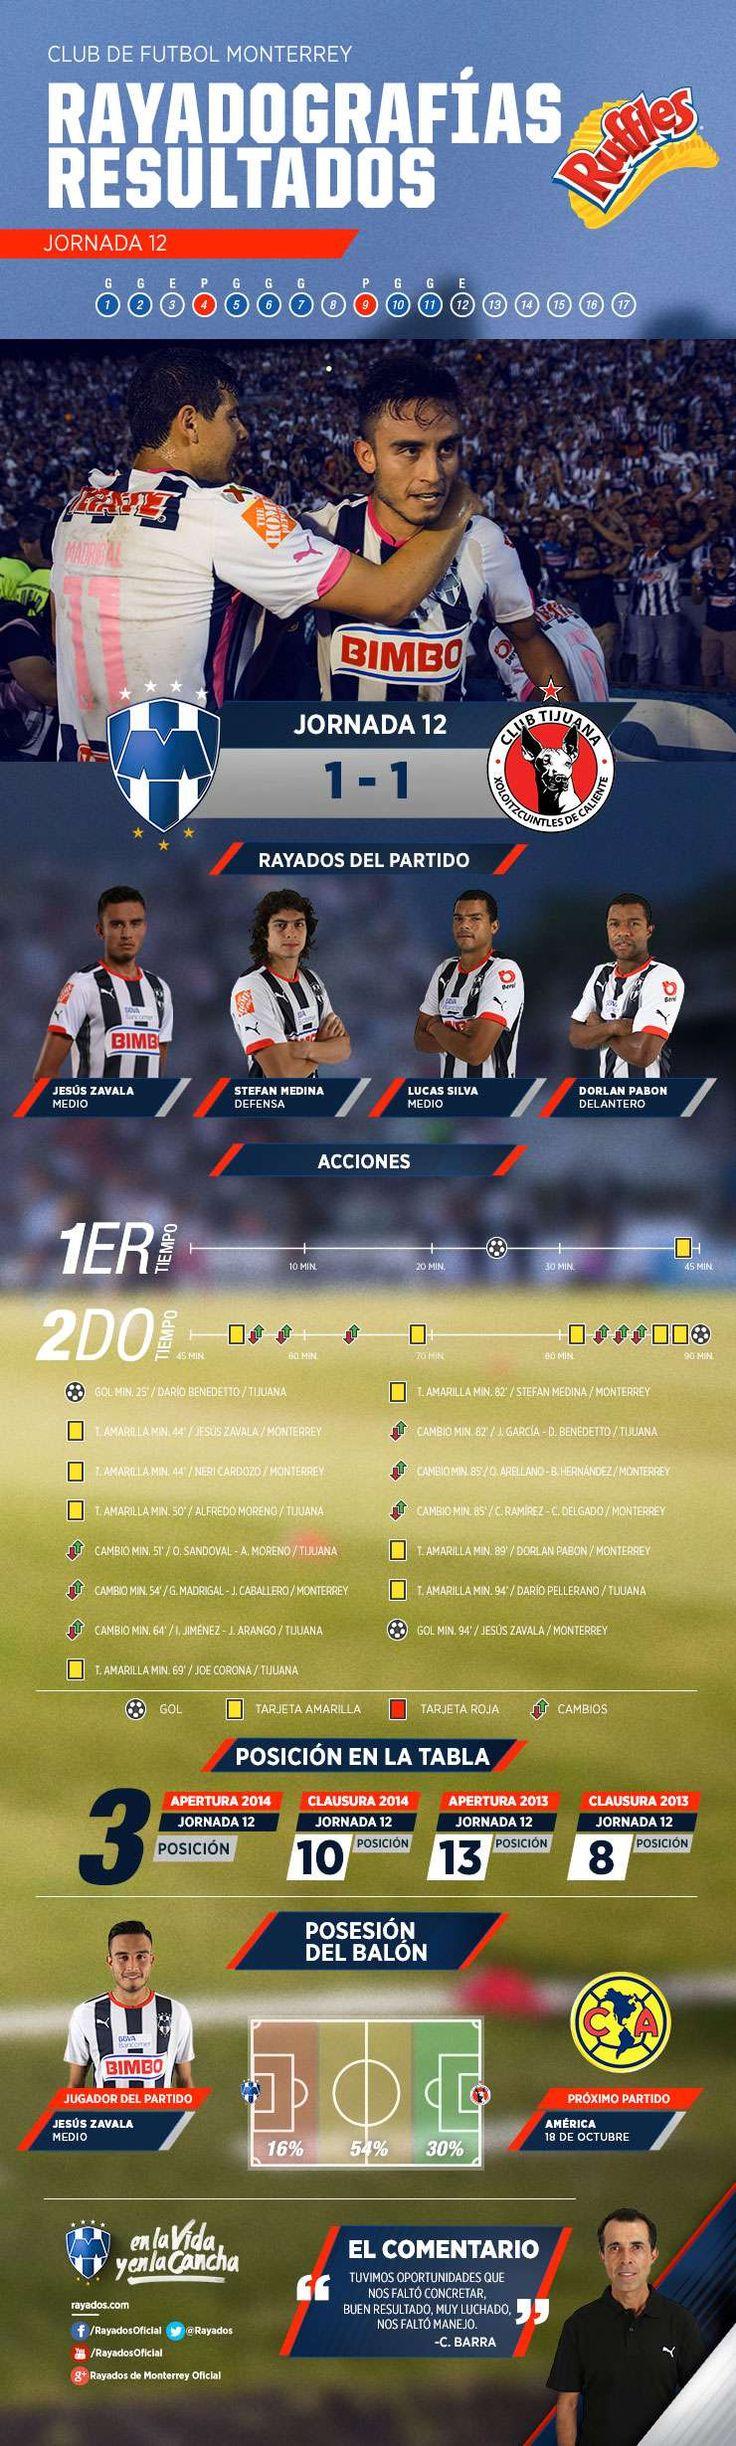 La #Rayadografía post partido de #Rayados vs. Tijuana es presentada por Ruffles MX.  Para conocer más detalles y ver la imagen de un mejor tamaño da clic aquí: http://www.rayados.com/primer-equipo/rayadografia-rayados-vs-tijuana-post-partido,82717ada935c8410VgnVCM10000098cceb0aRCRD.html